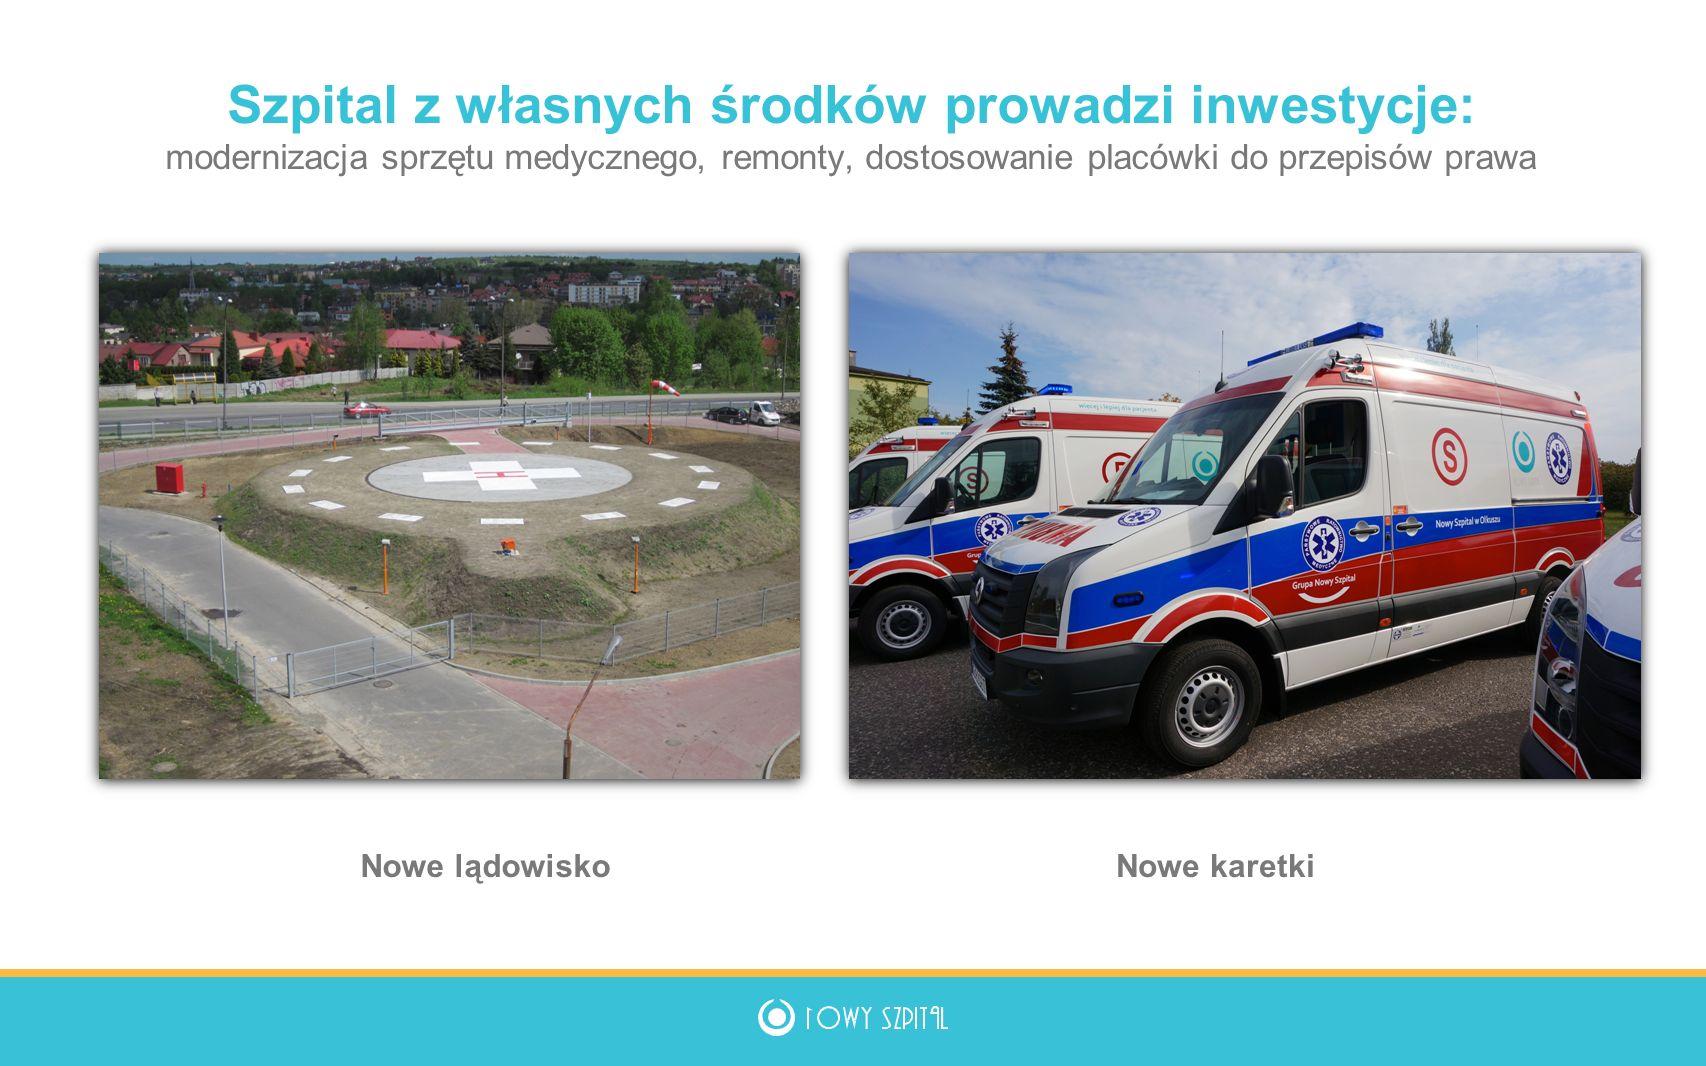 Szpital z własnych środków prowadzi inwestycje: modernizacja sprzętu medycznego, remonty, dostosowanie placówki do przepisów prawa Nowe lądowiskoNowe karetki